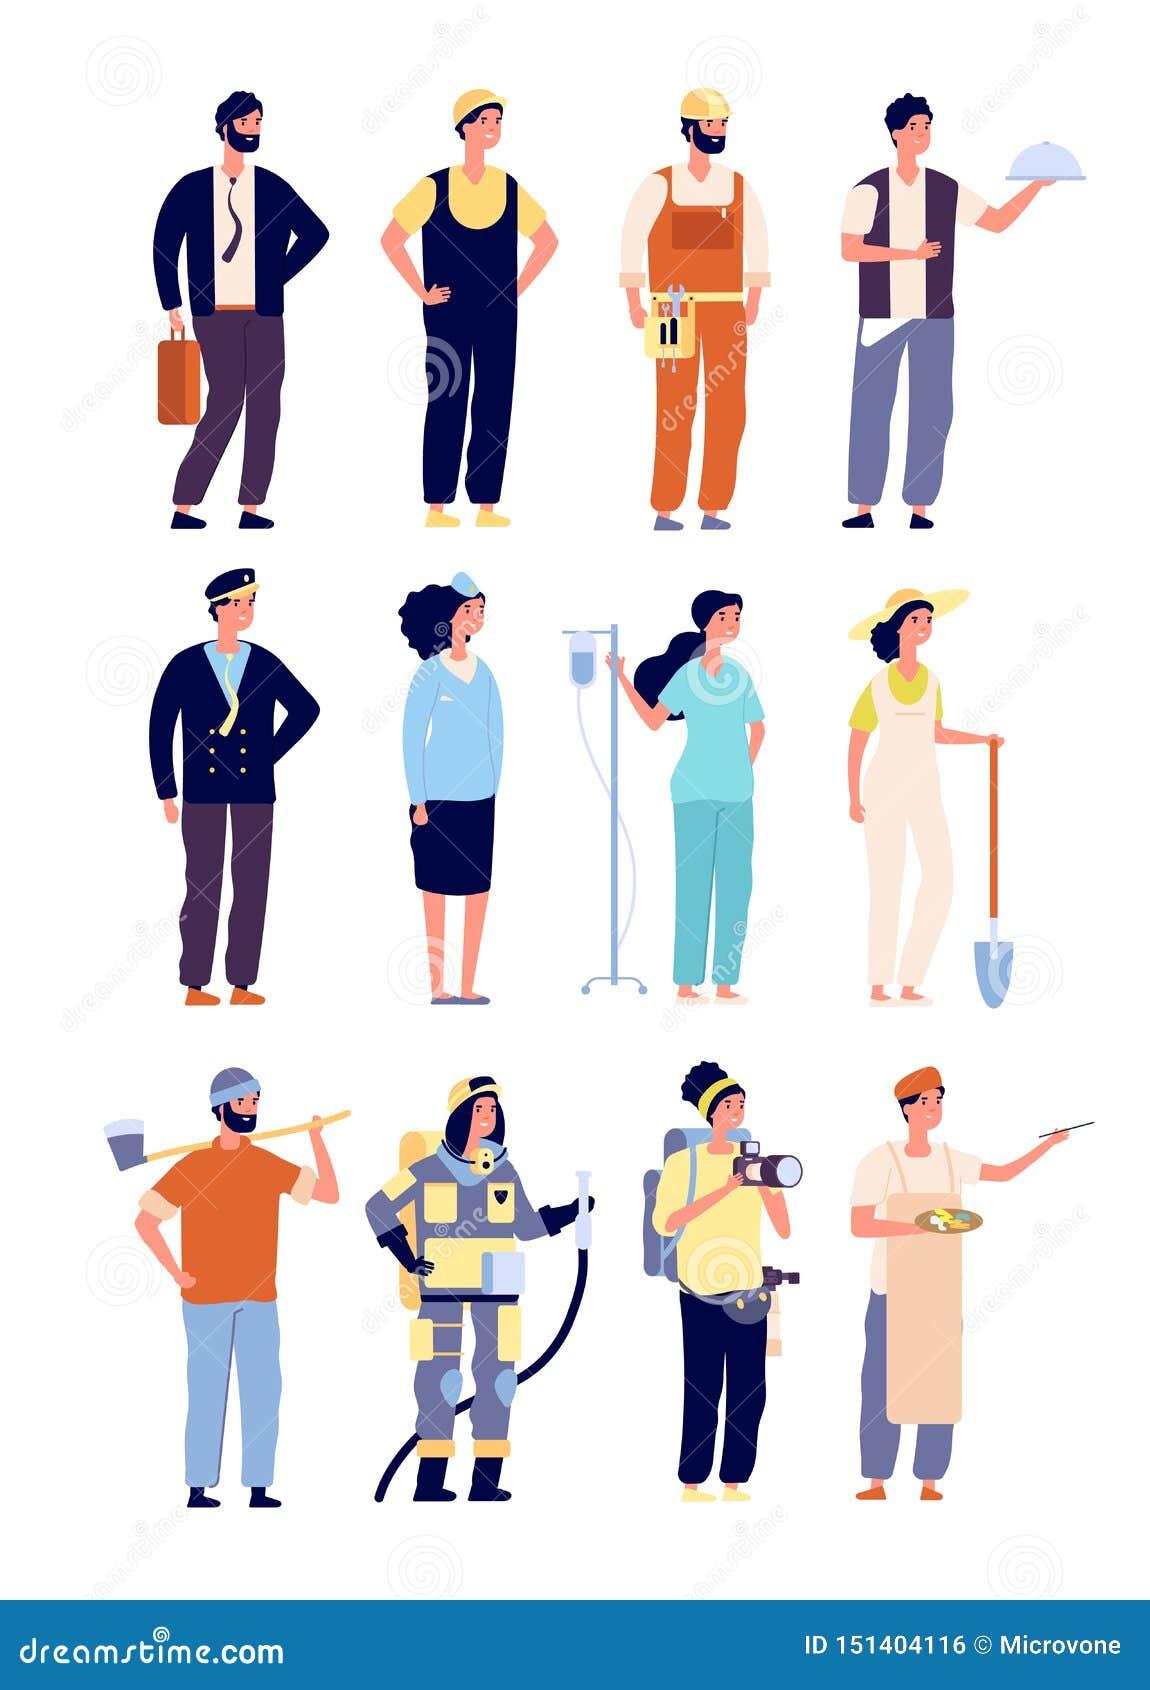 Χαρακτήρες επαγγελματιών αστυνομικός και πυροσβέστης, γιατρός και αεροσυνοδός, καλλιτέχνης και μουσικός, οικοδόμος διάνυσμα Εργατ